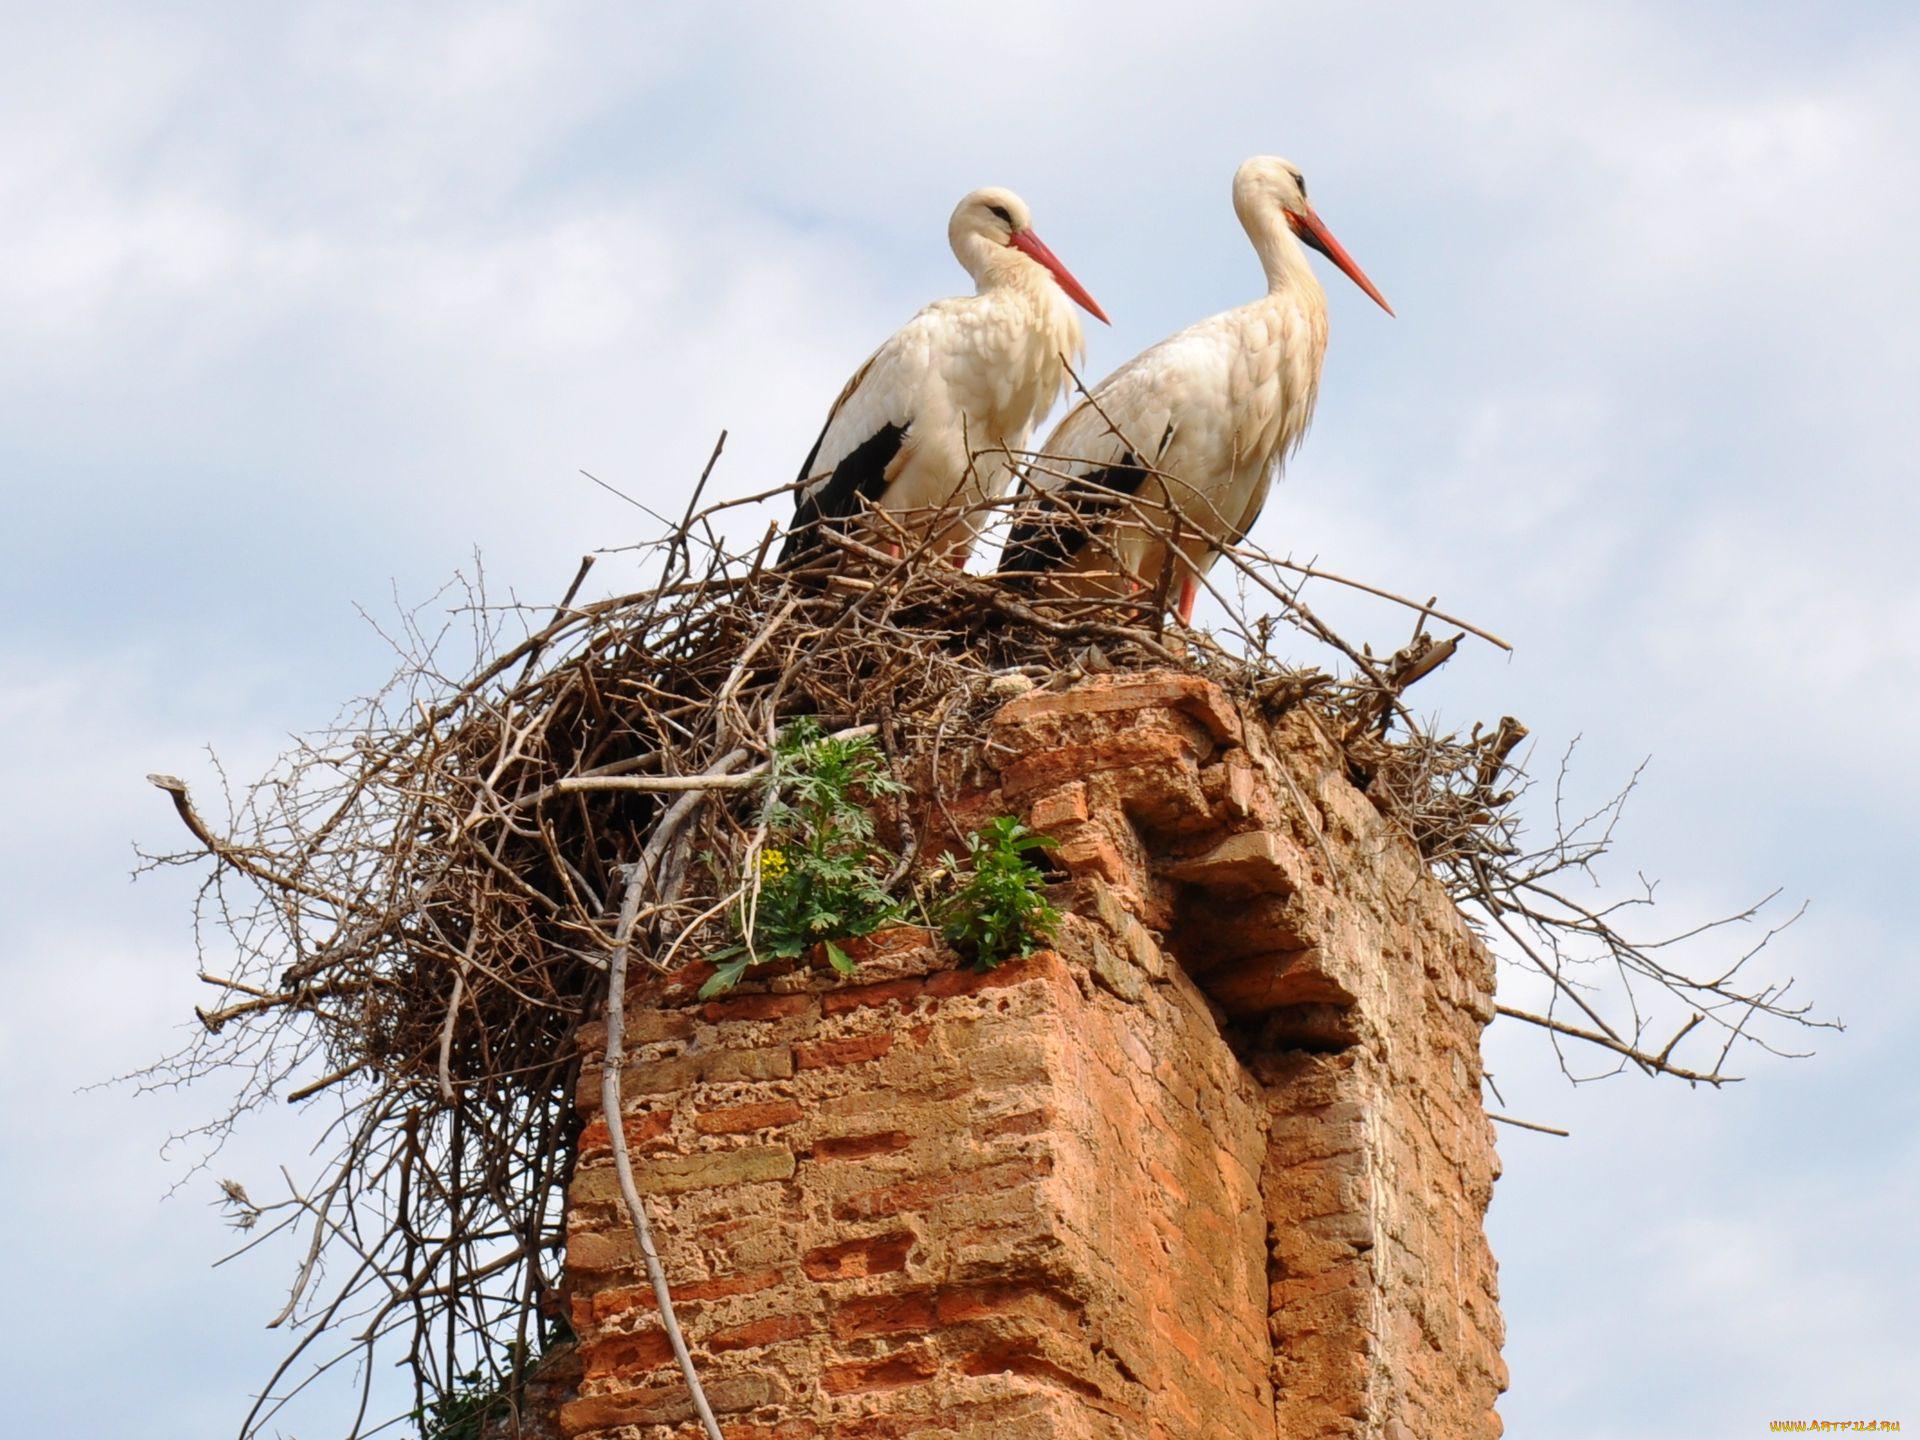 Аисты в гнезде на крыше картинки